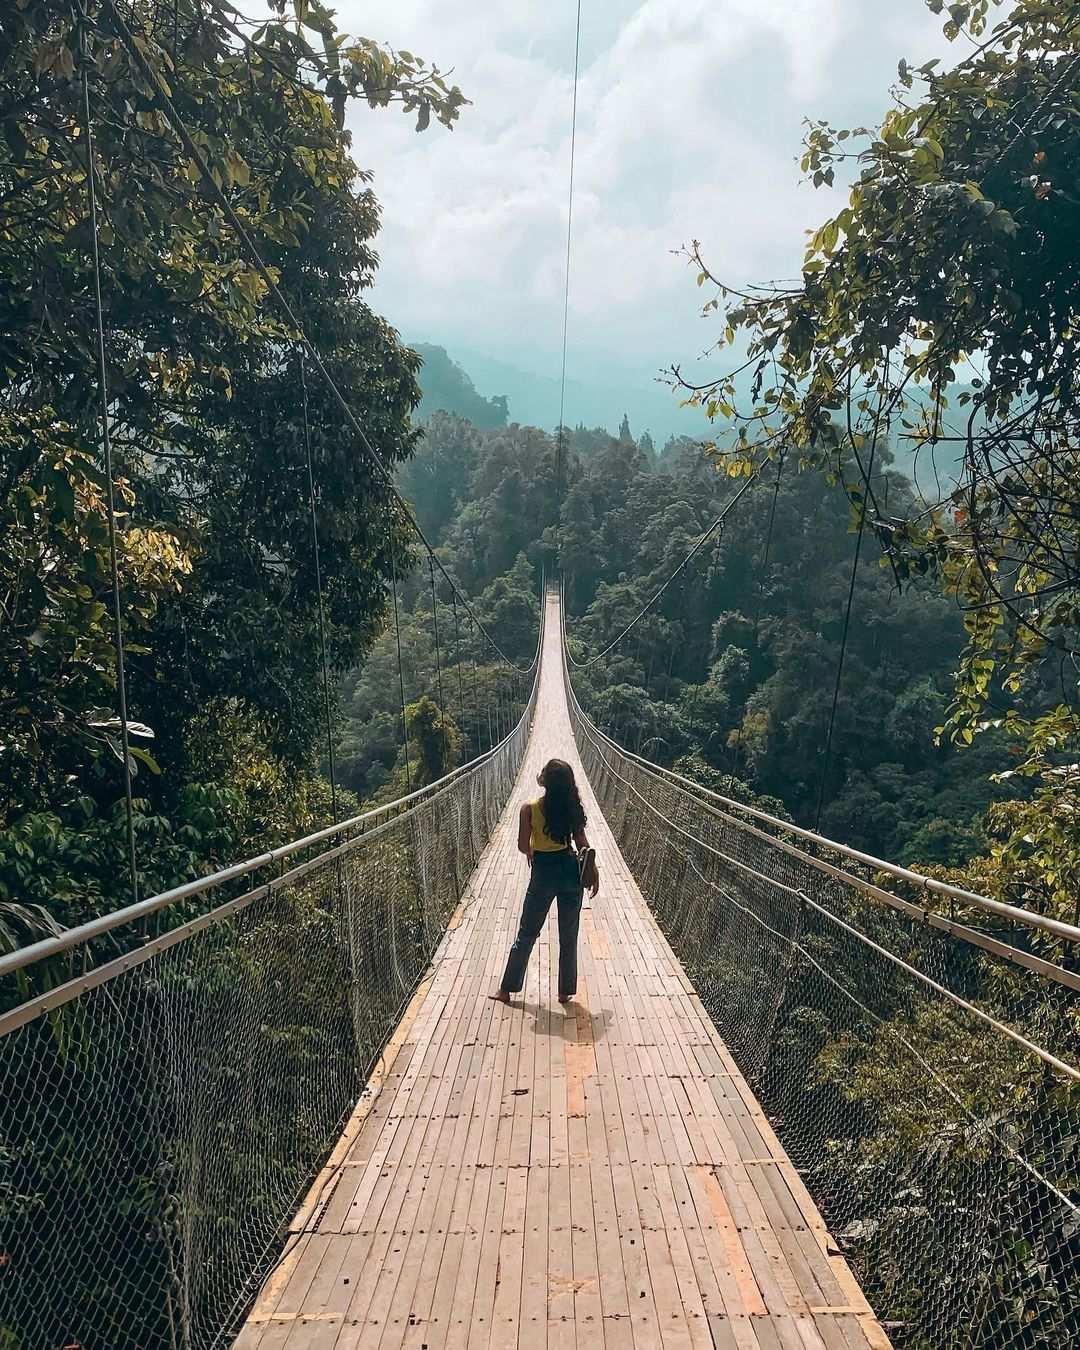 Berfoto di Jembatan Gantung Situ Gunung Image From @mutiara_bertha